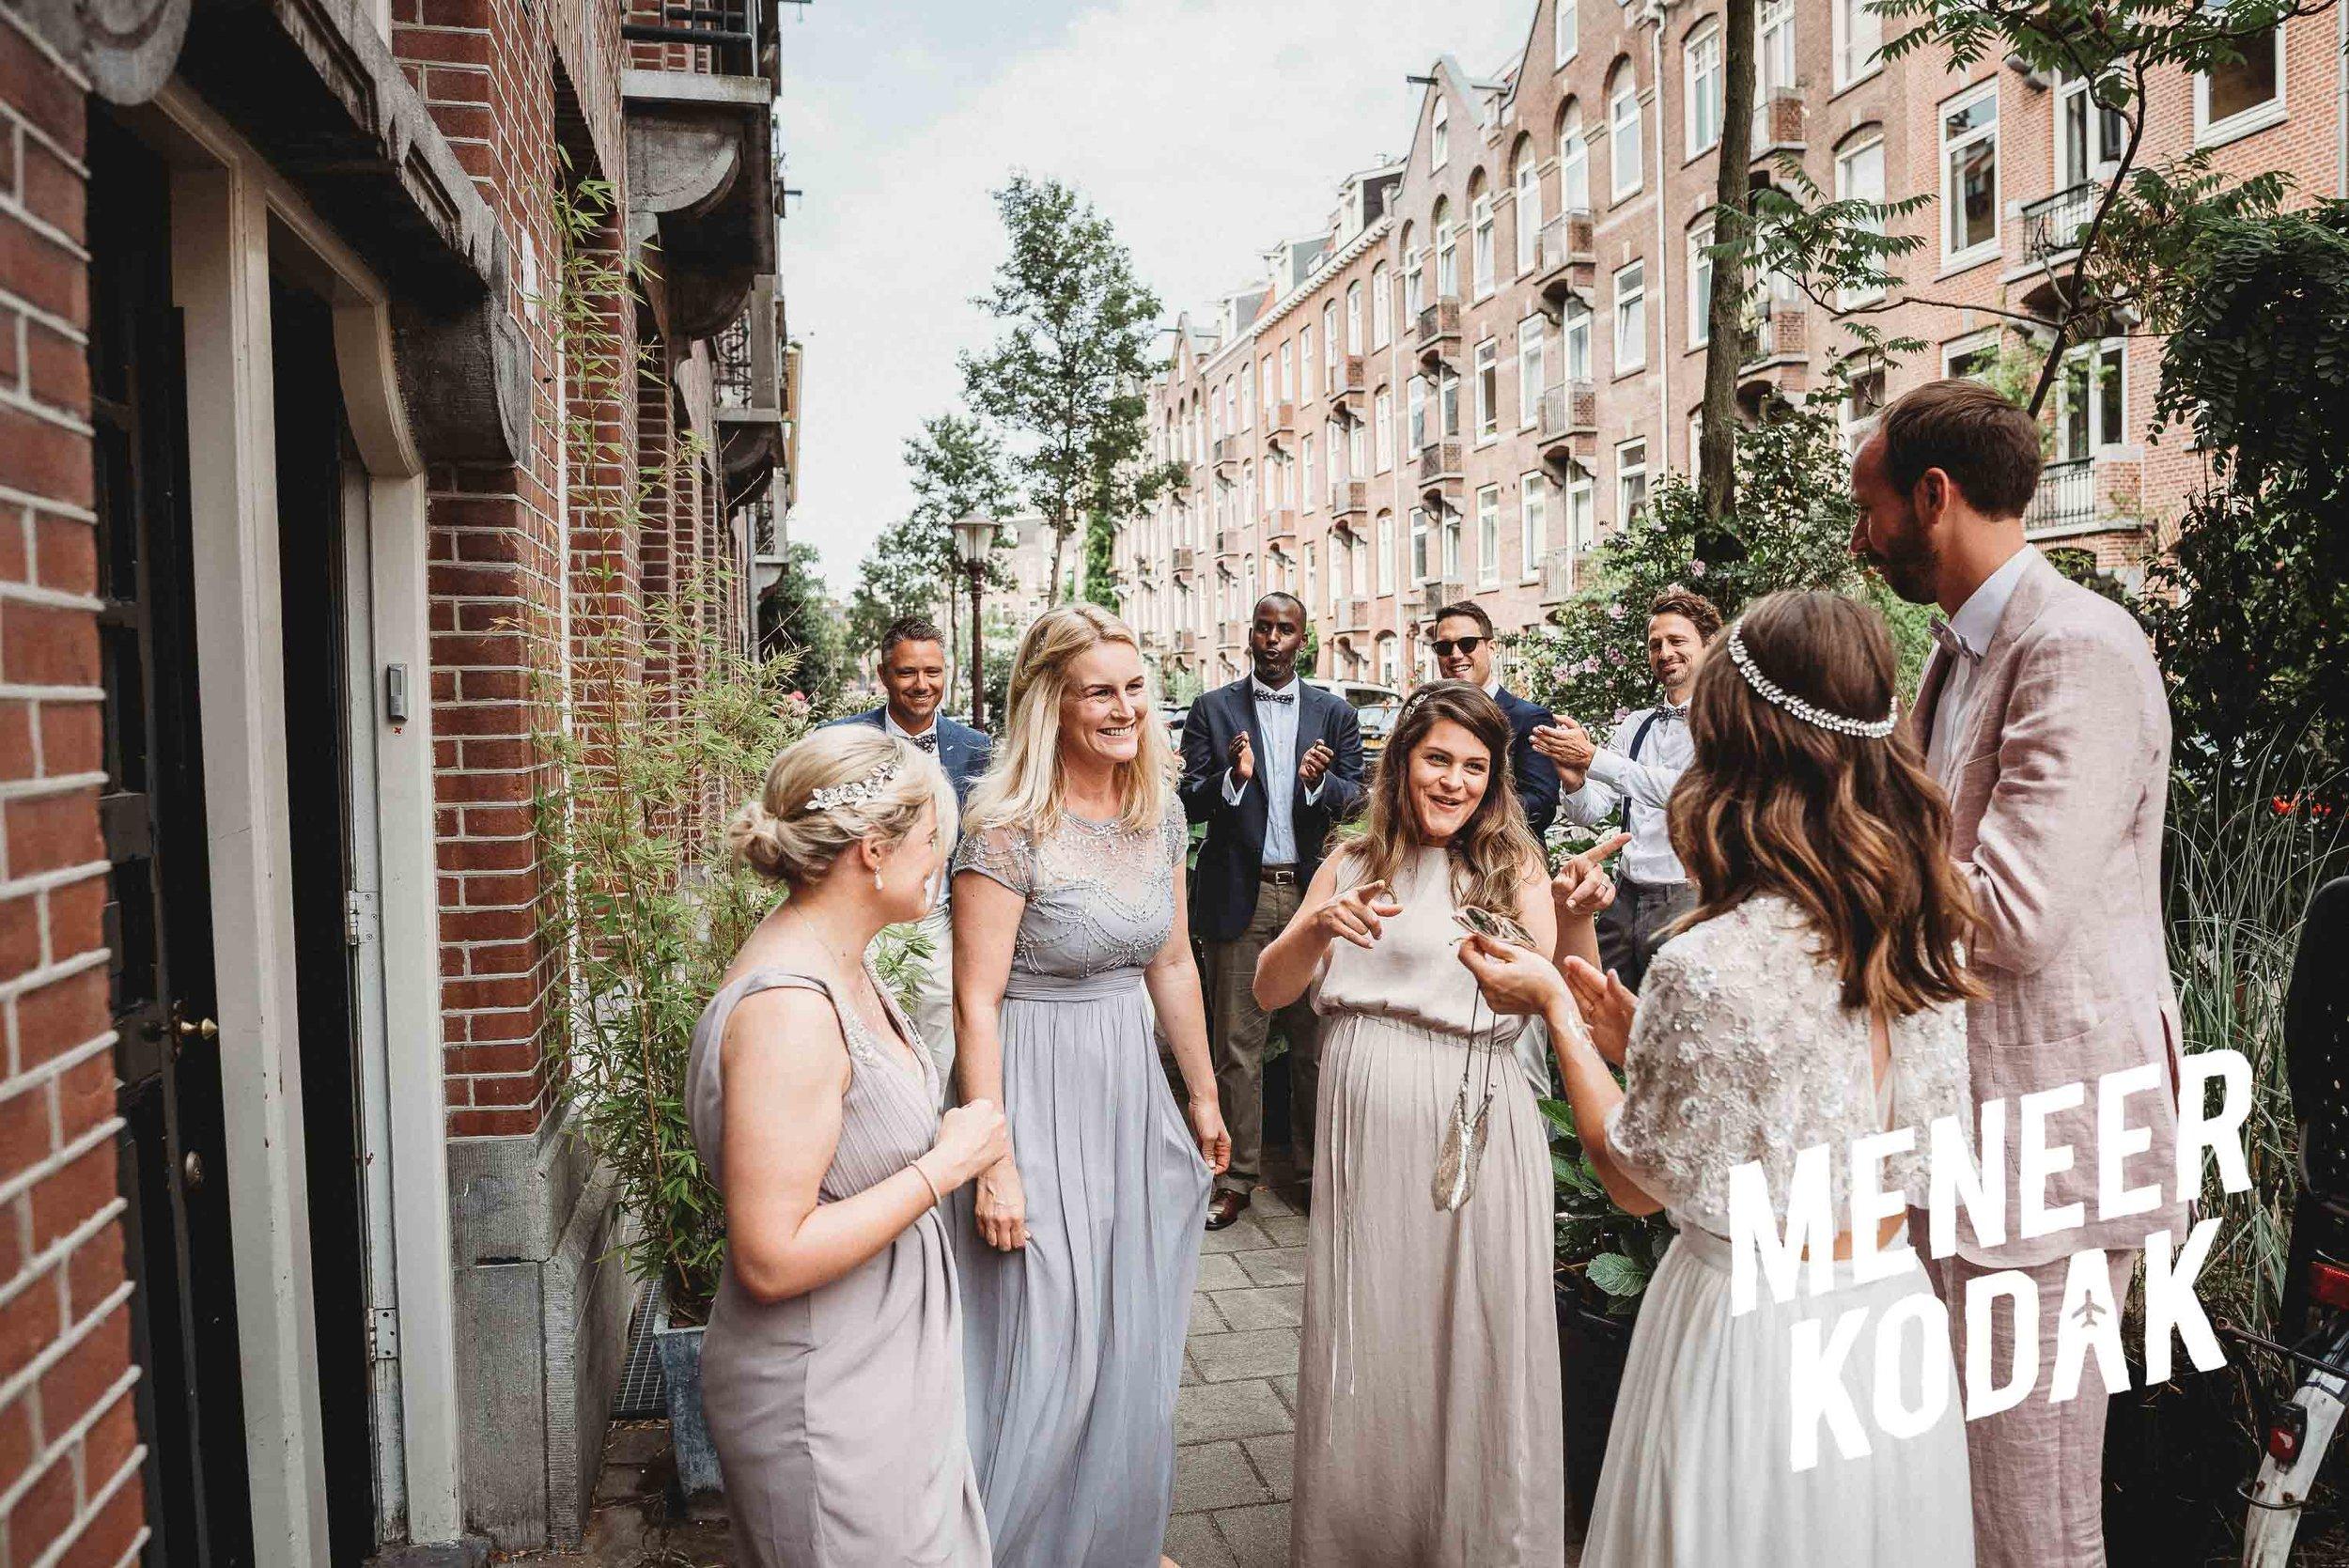 Meneer Kodak - Trouwfotograaf - Amsterdam - H&T-038.jpg